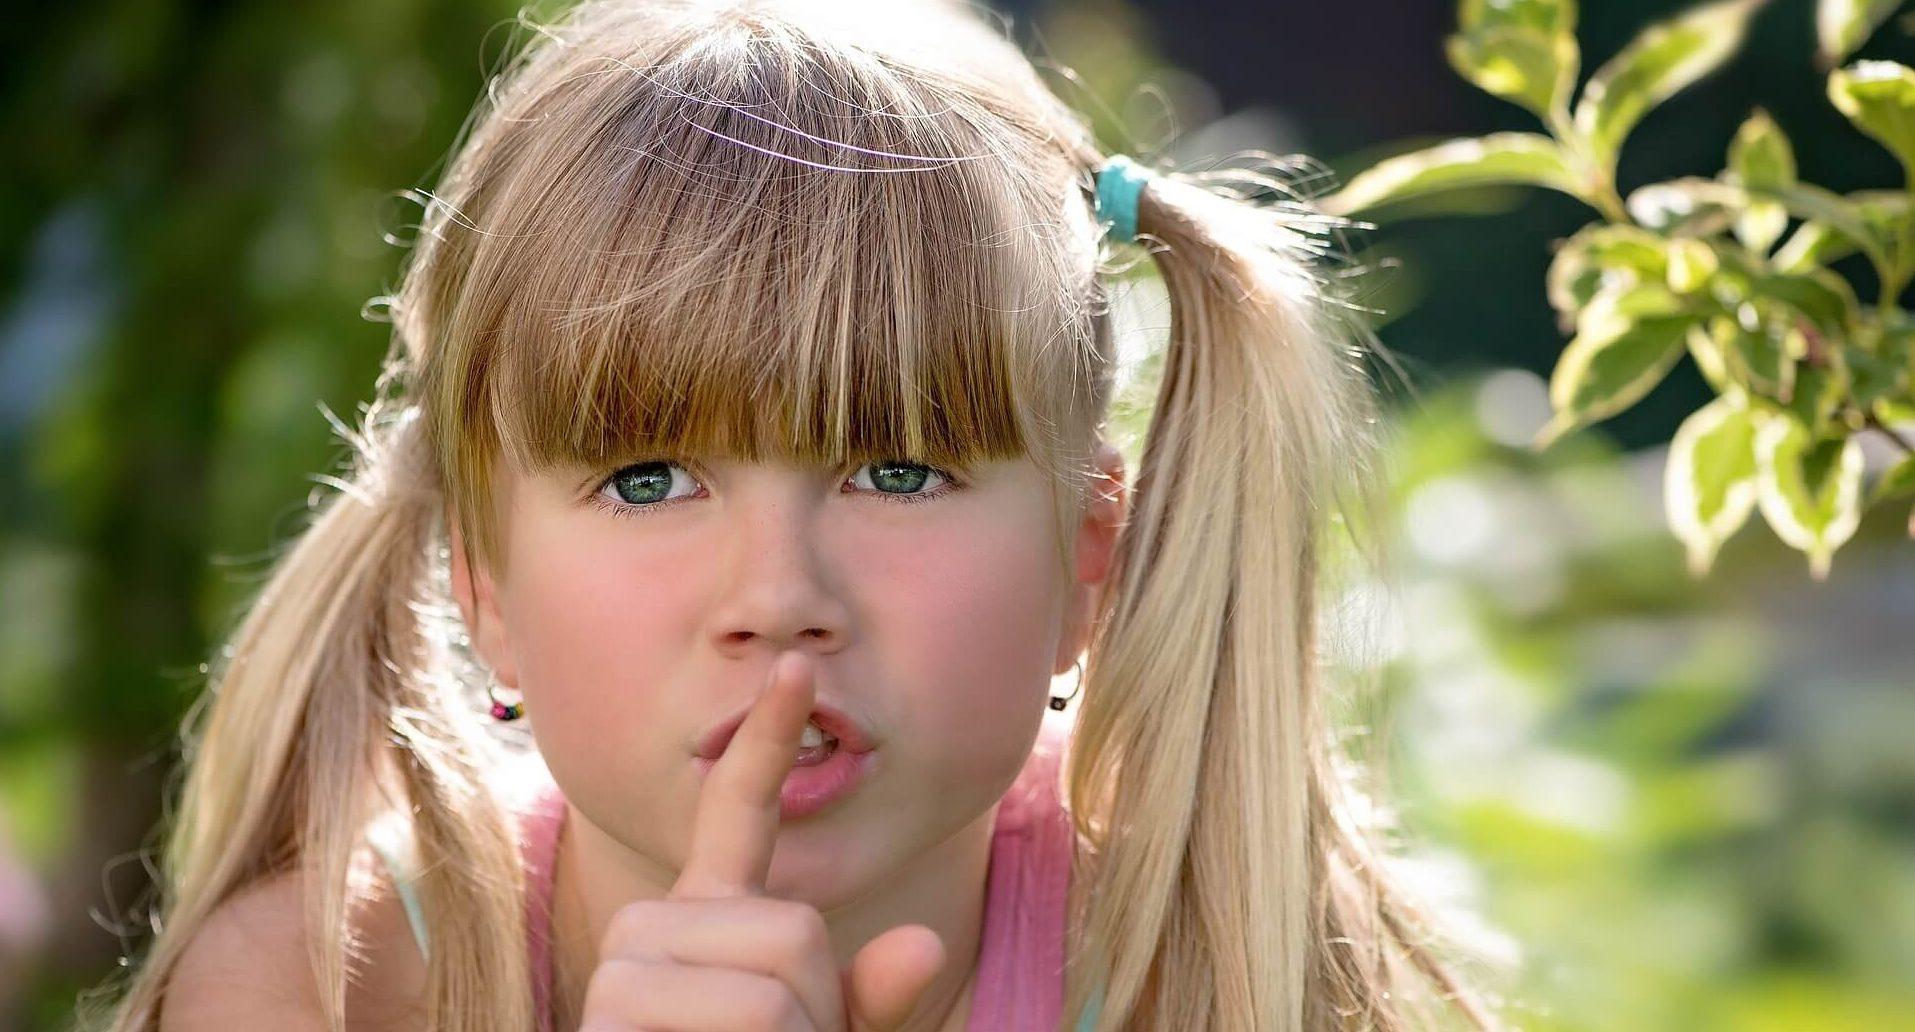 女の子 口に指をあてる